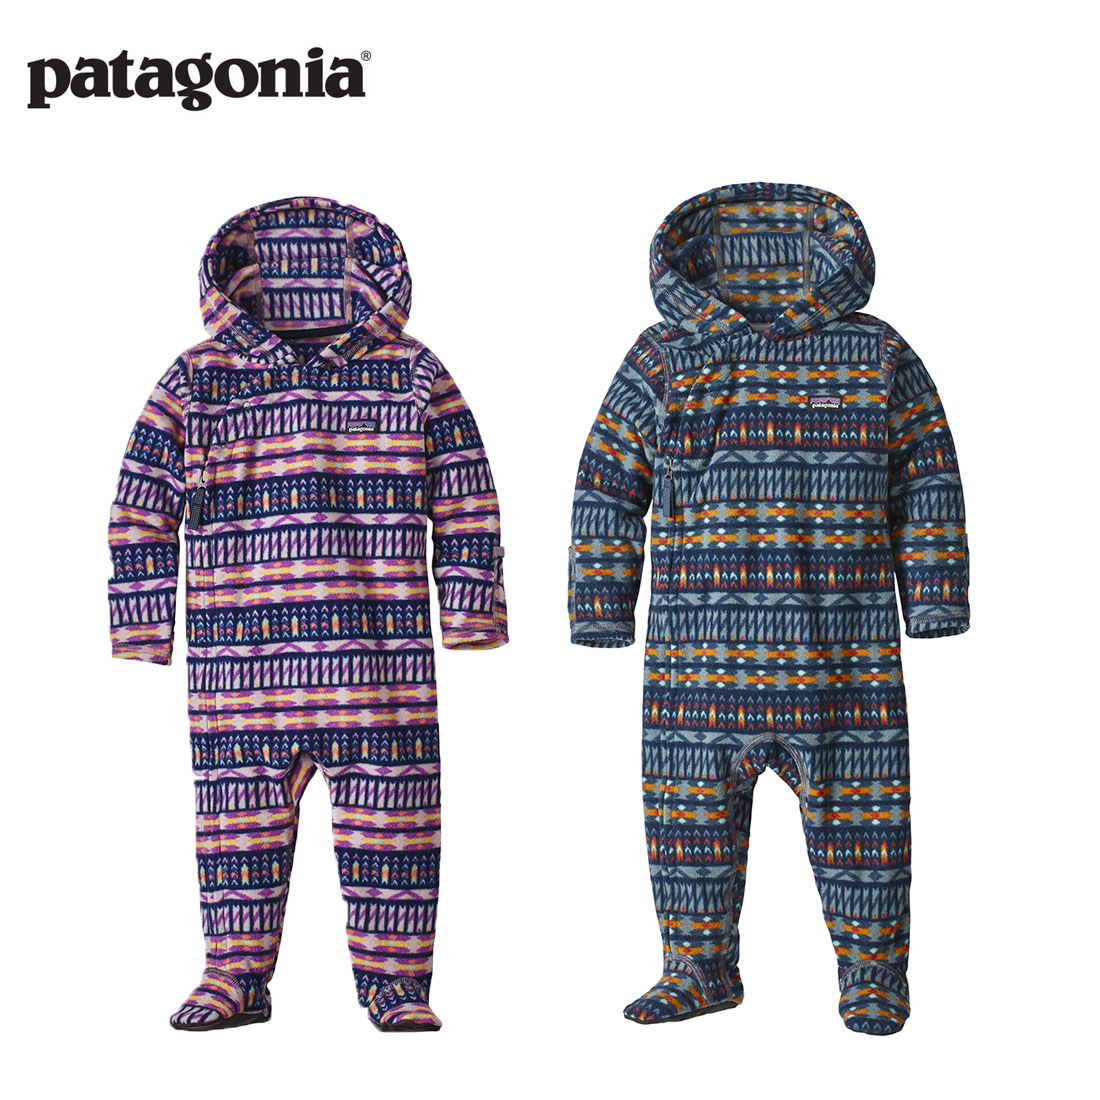 【送料無料】パタゴニア patagonia ベビー インファント・マイクロD・バンティング(6M/6ヵ月 12M/12ヵ月)メール便不可